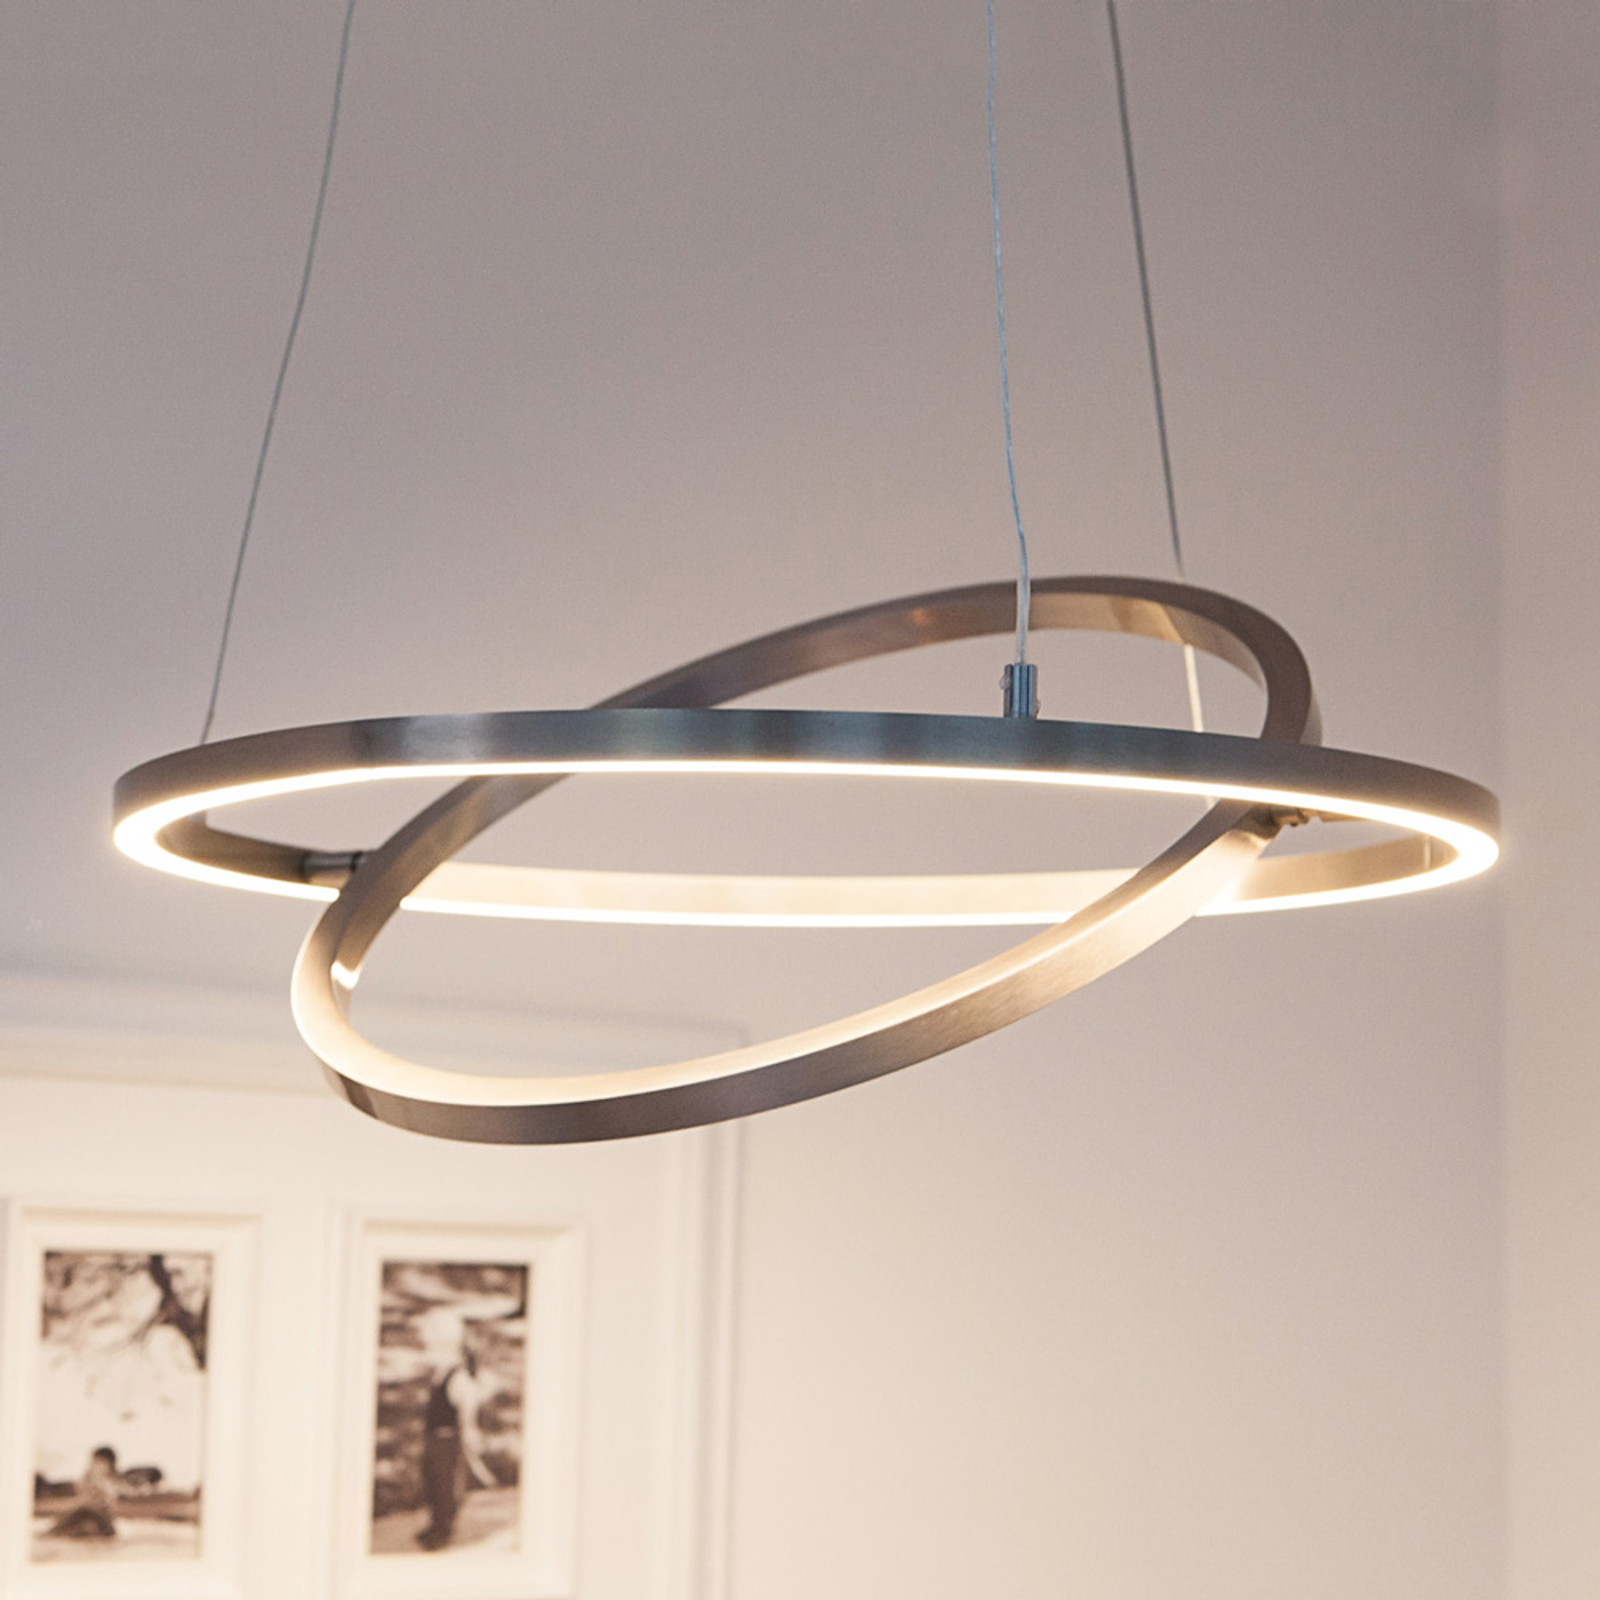 LED-hengelampe Lovisa med to LED-ringer